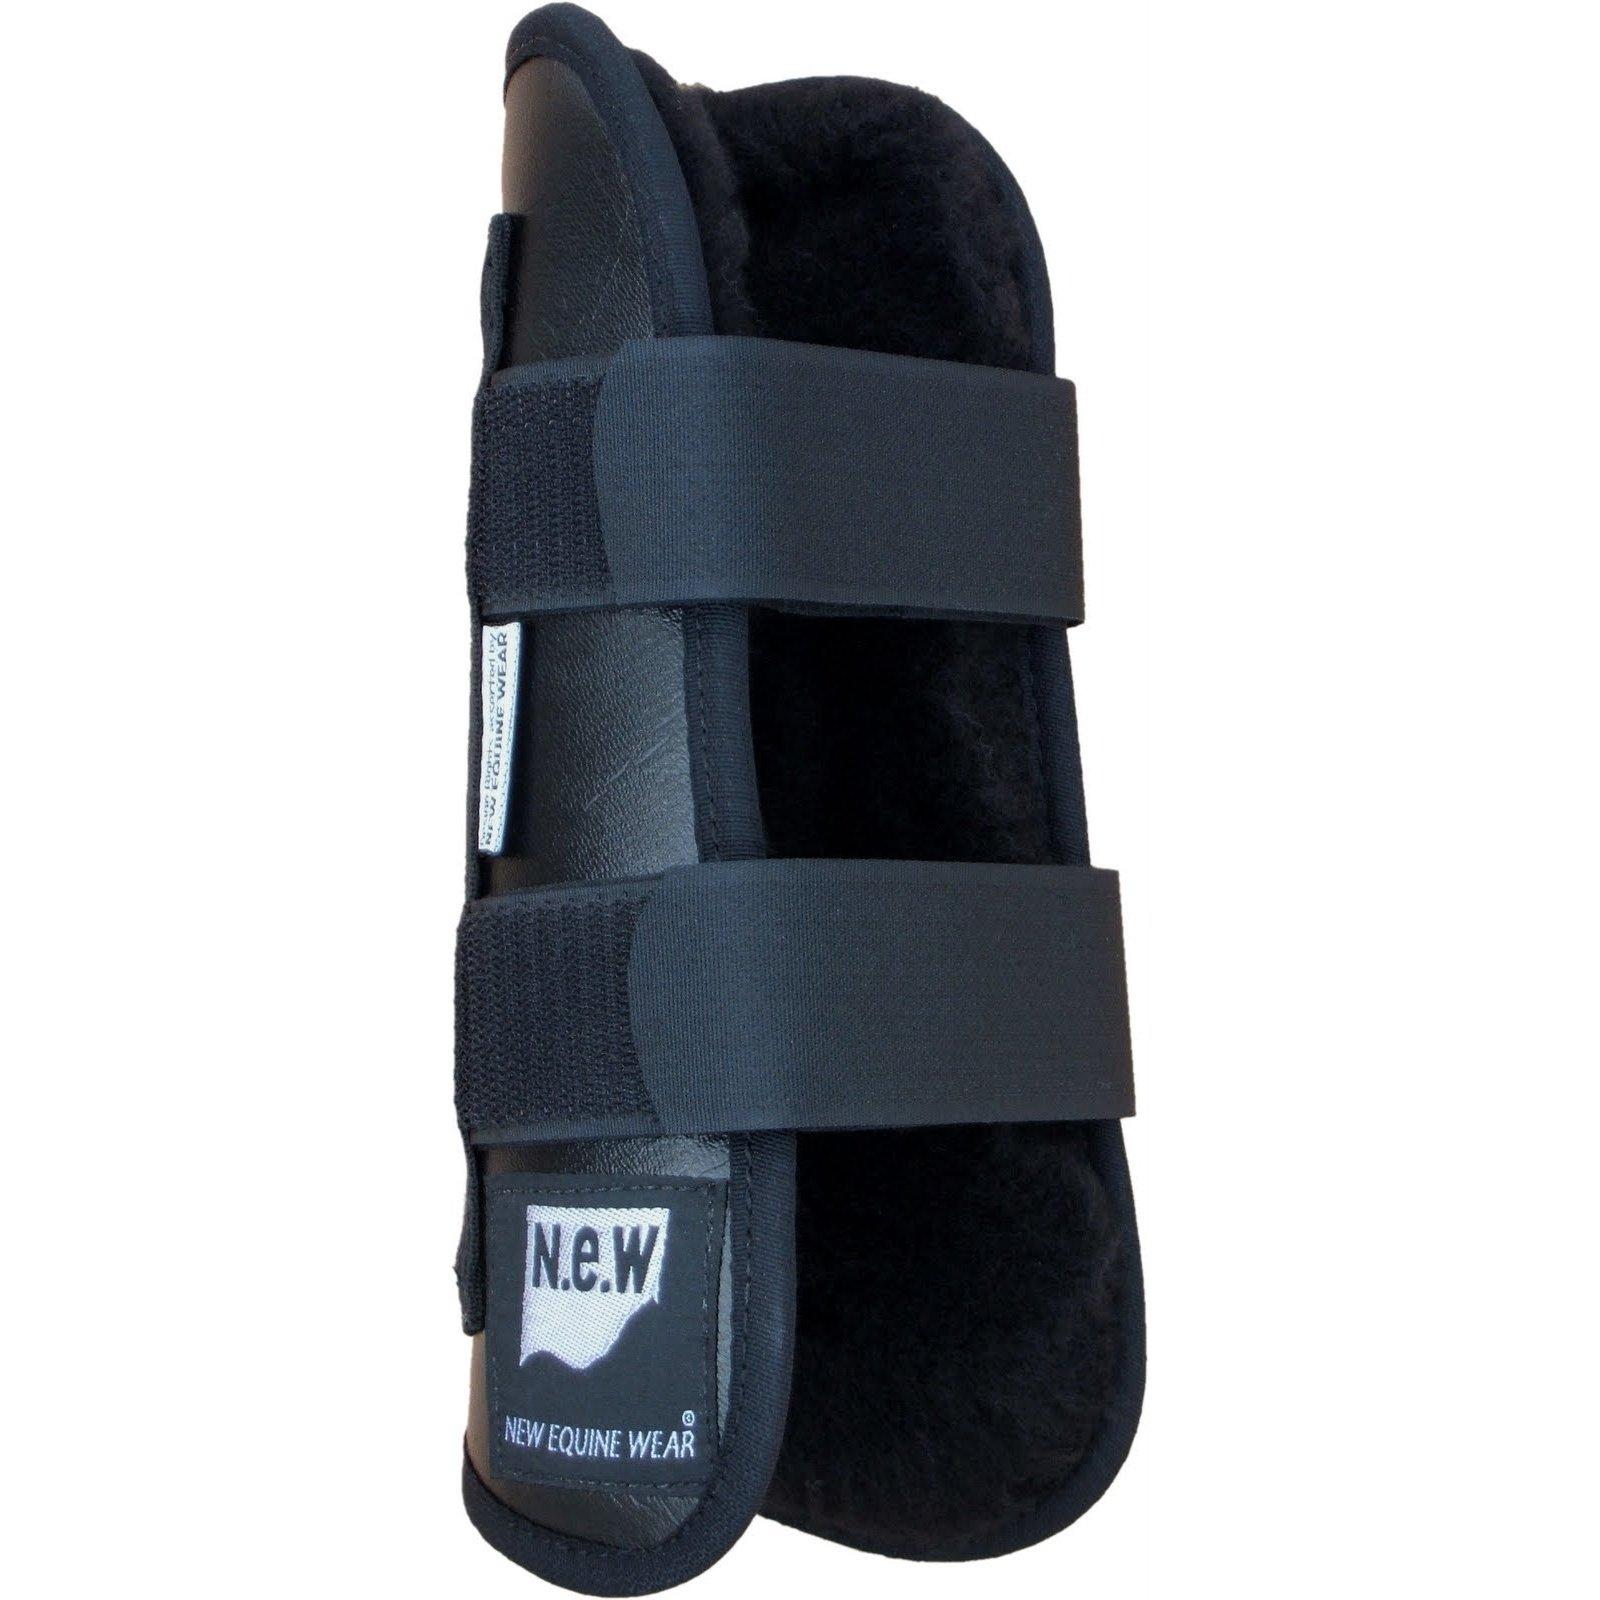 New Equine Wear Fleece Open Tendon Boots (Pony) (Black)